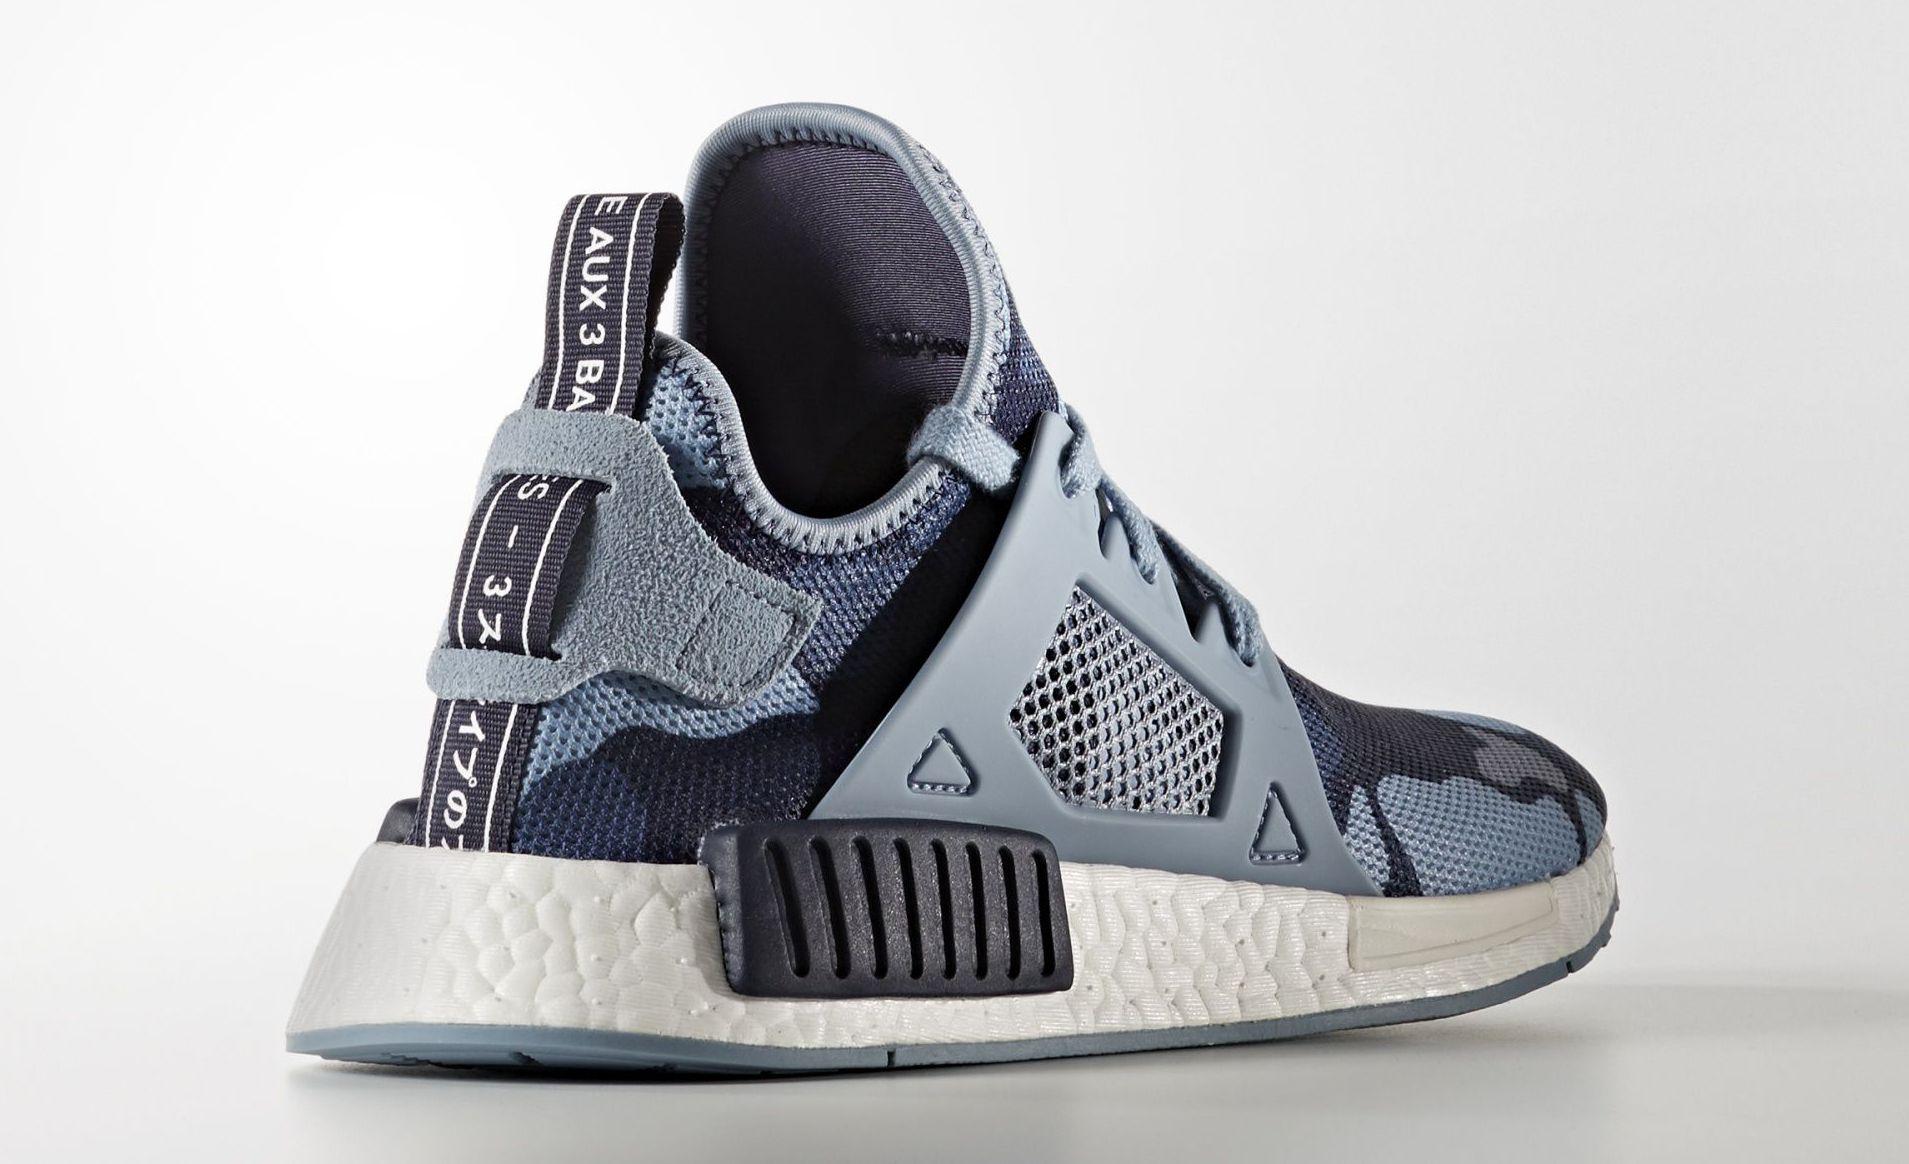 Adidas NMD XR1 Blue Camo Heel